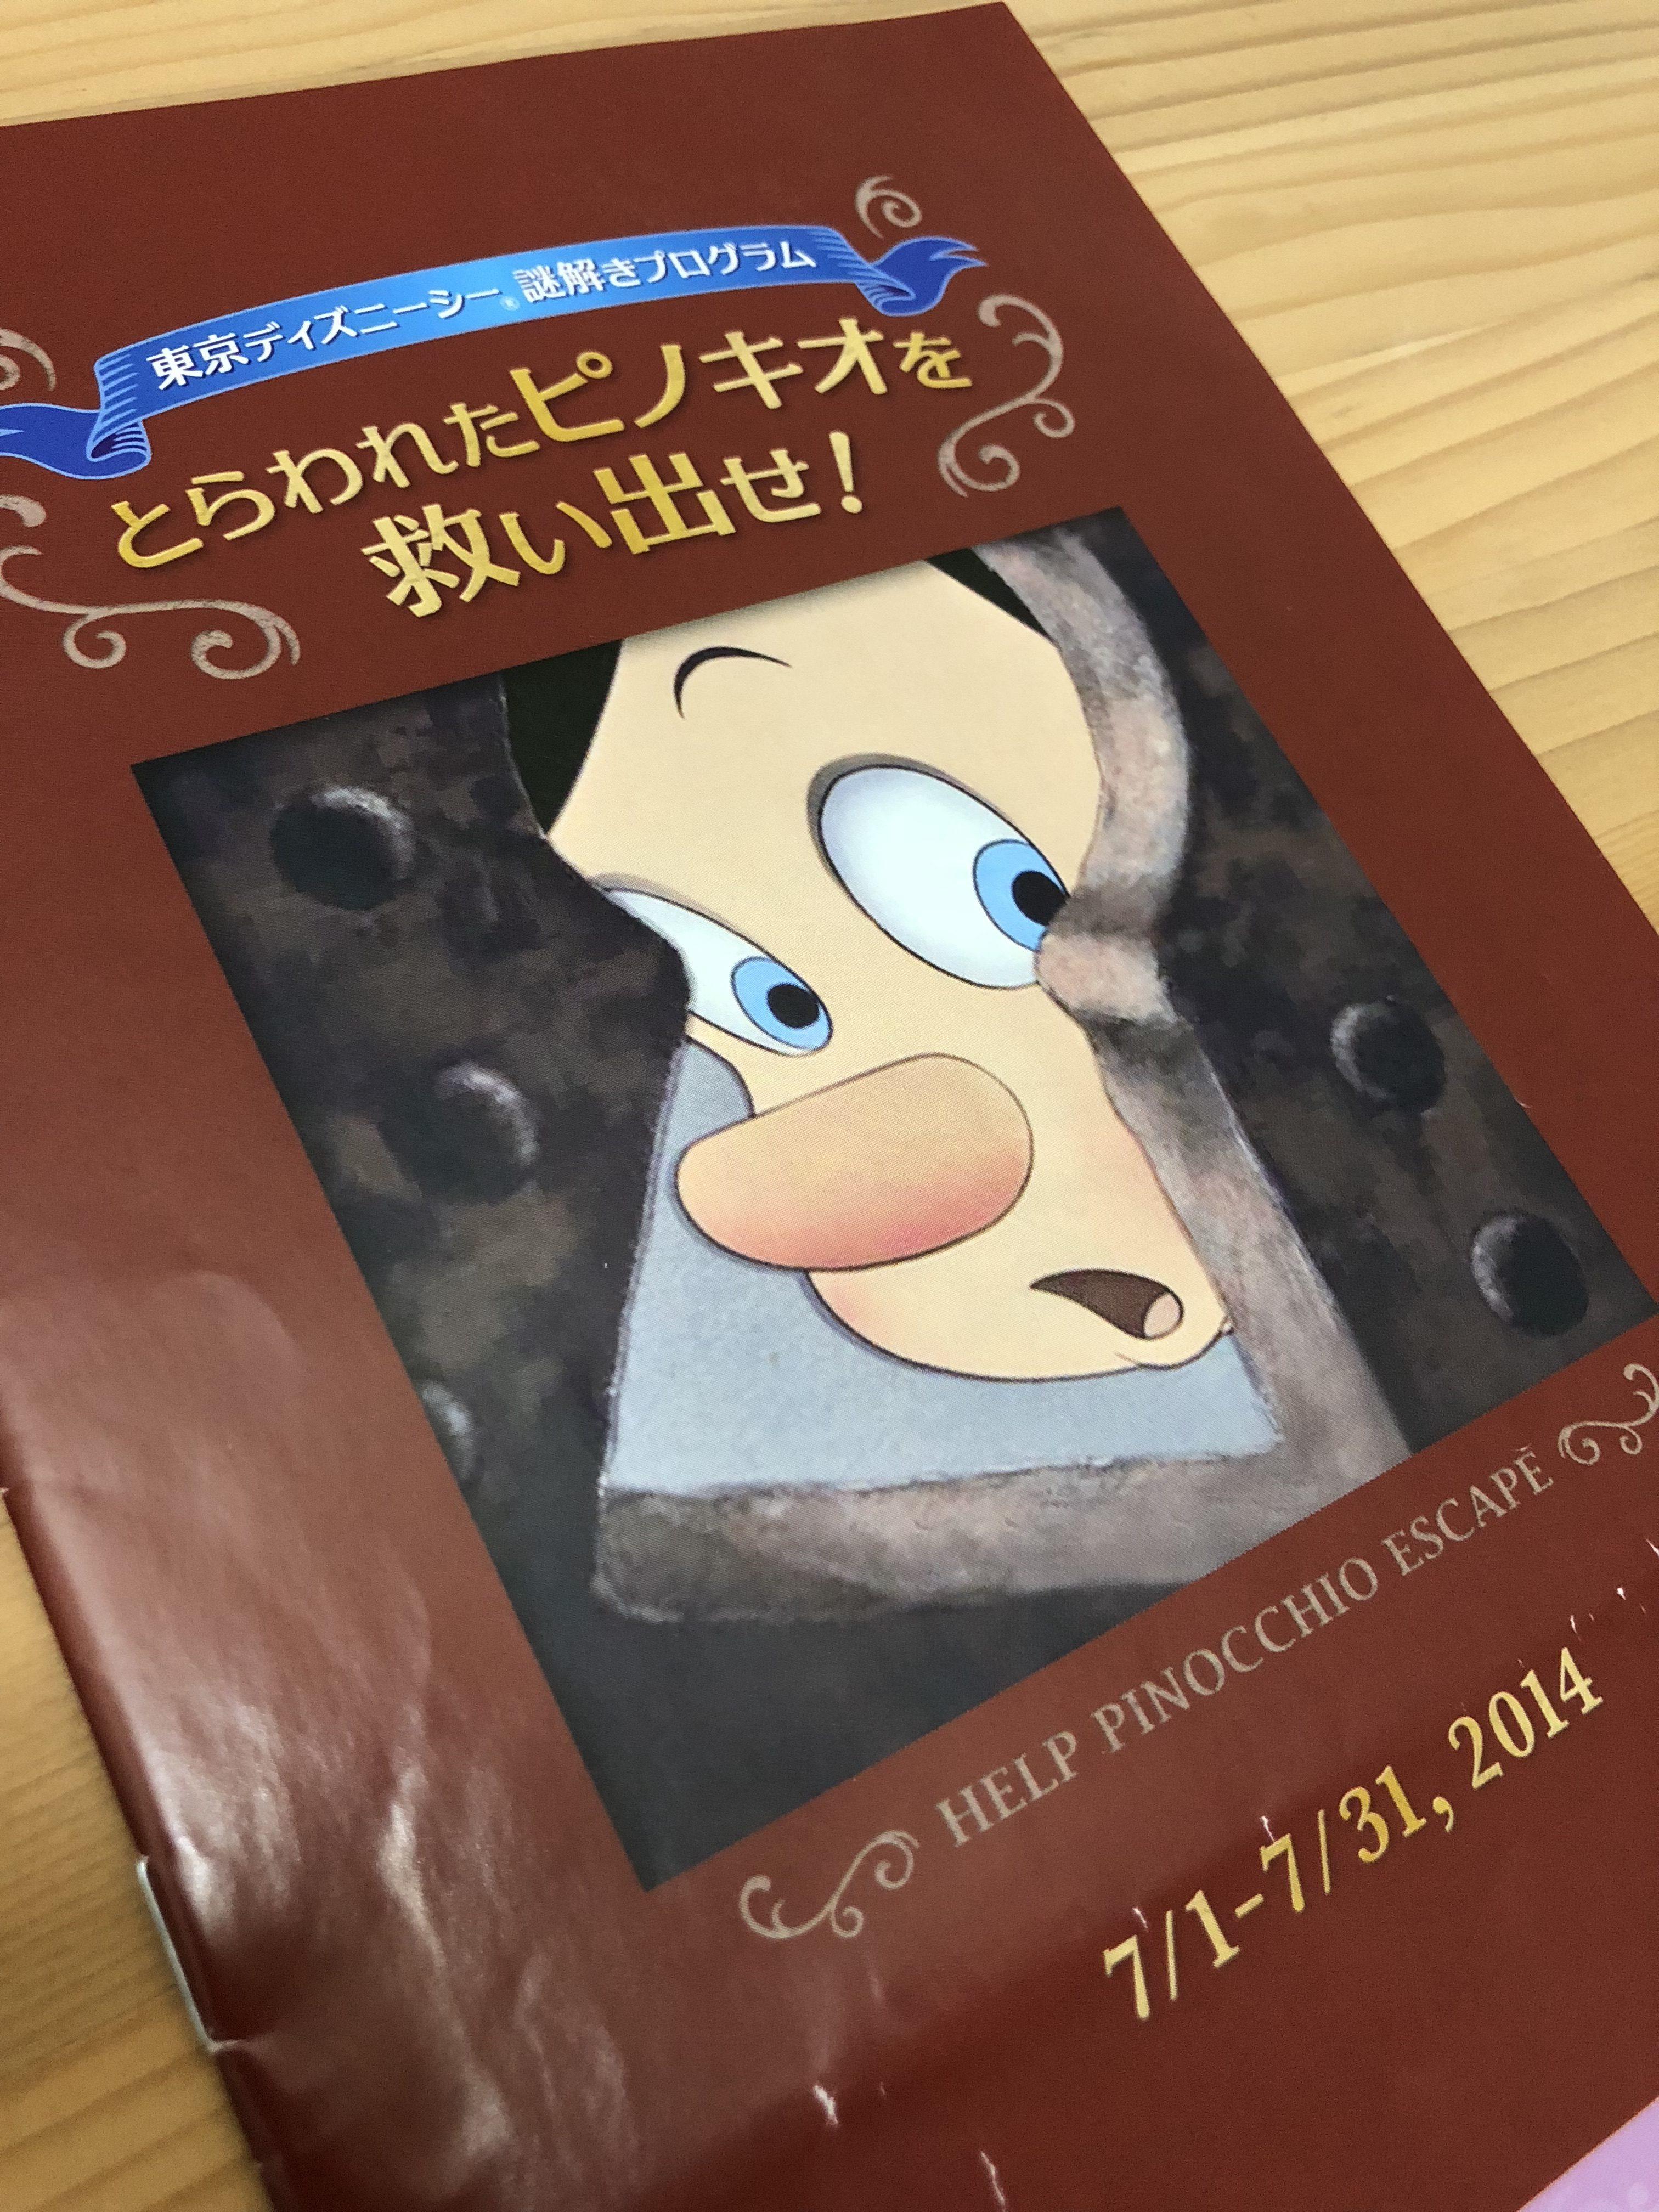 東京ディズニーシー 謎解きプログラム】とらわれたピノキオを救い出せ